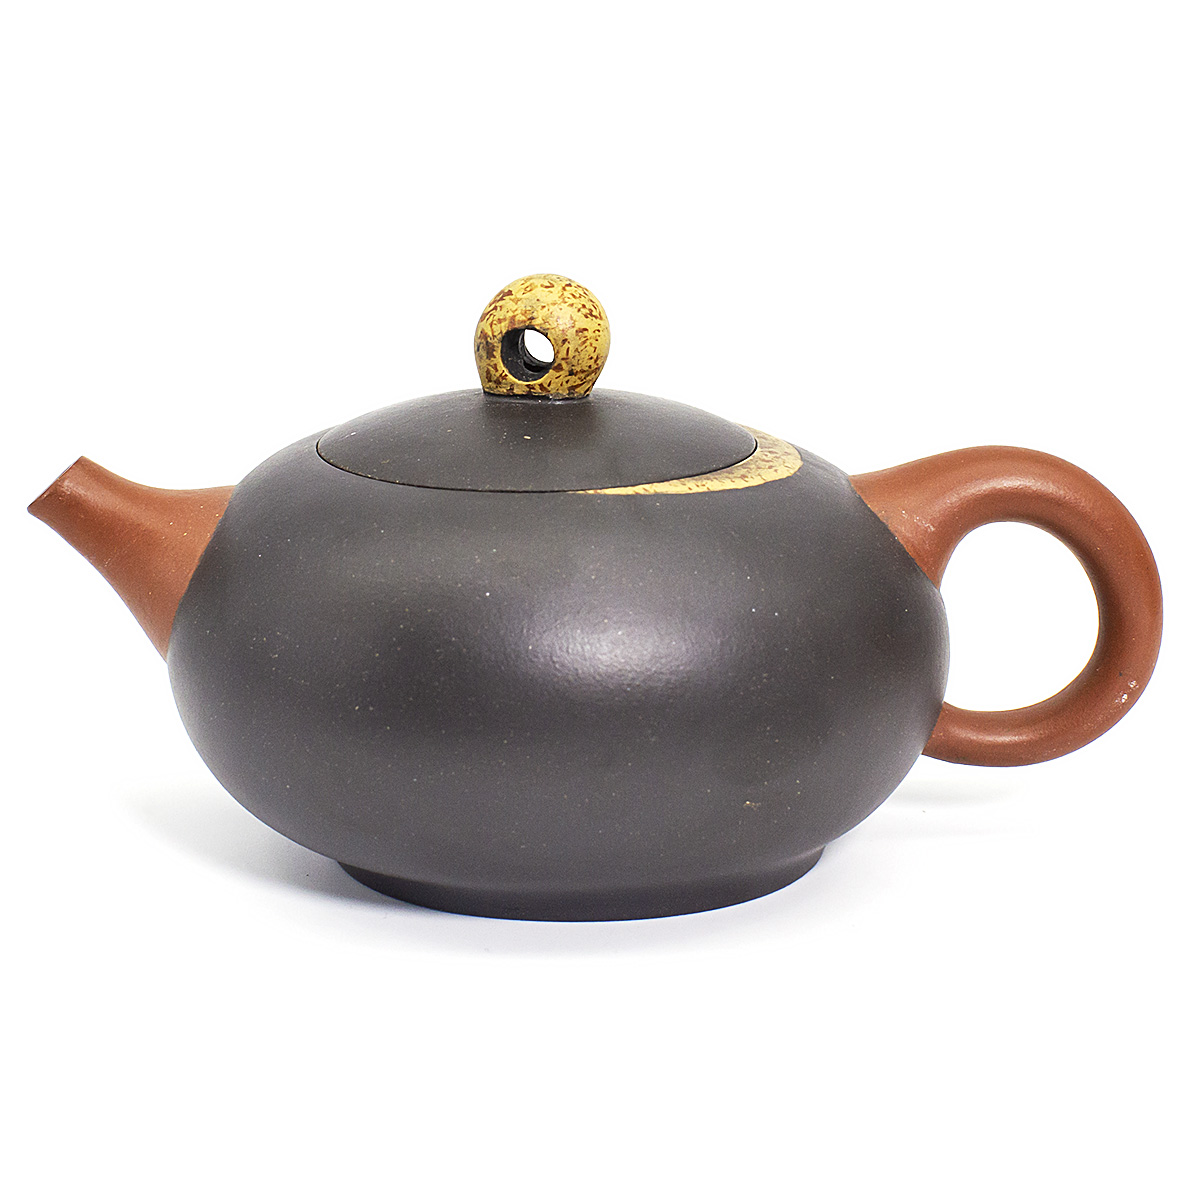 цена на Глиняный чайник Юэ Ин, ручная работа